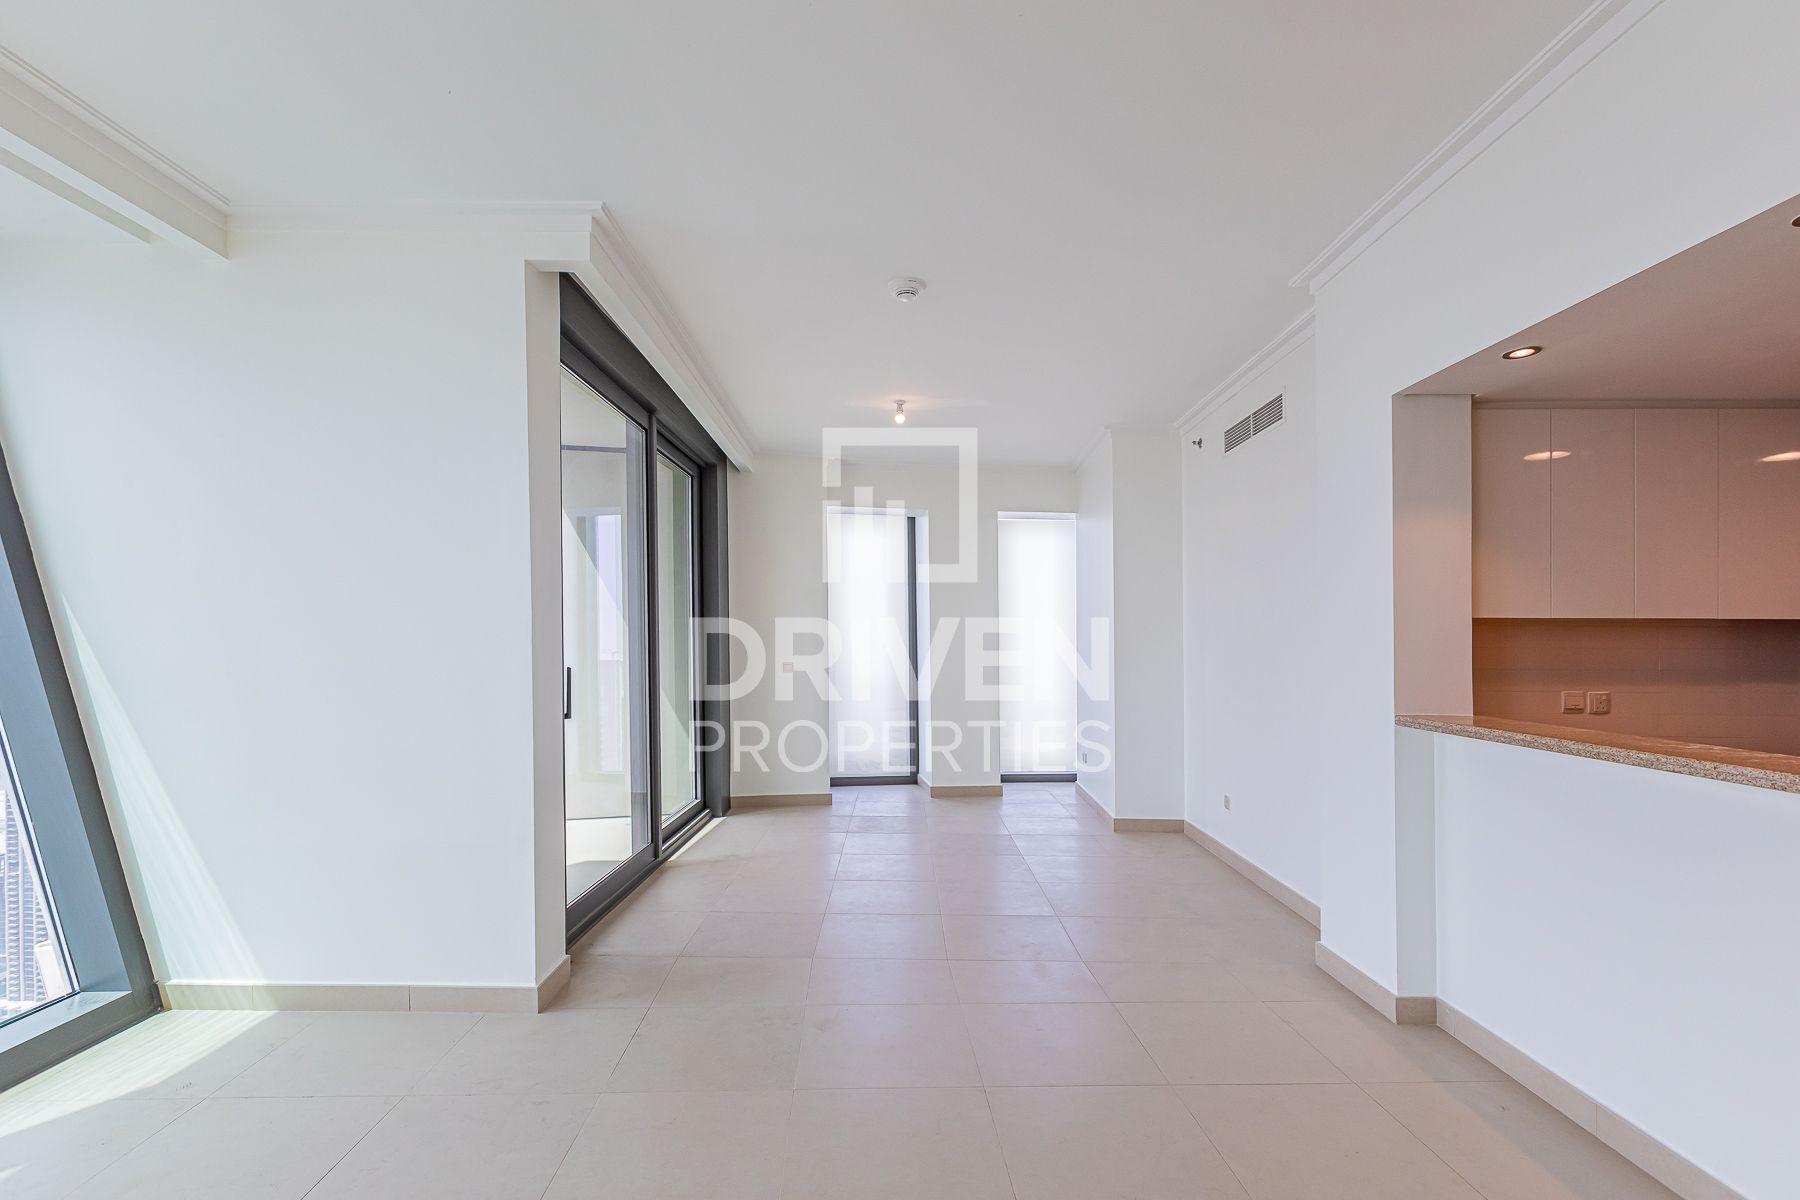 1,269 قدم مربع  شقة - للايجار - دبي وسط المدينة